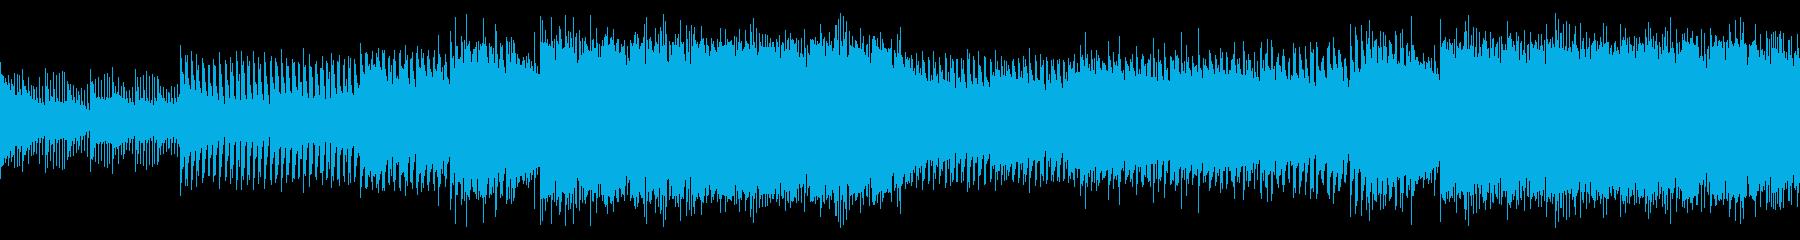 【ループ版】EDM 爽やか・疾走感の再生済みの波形